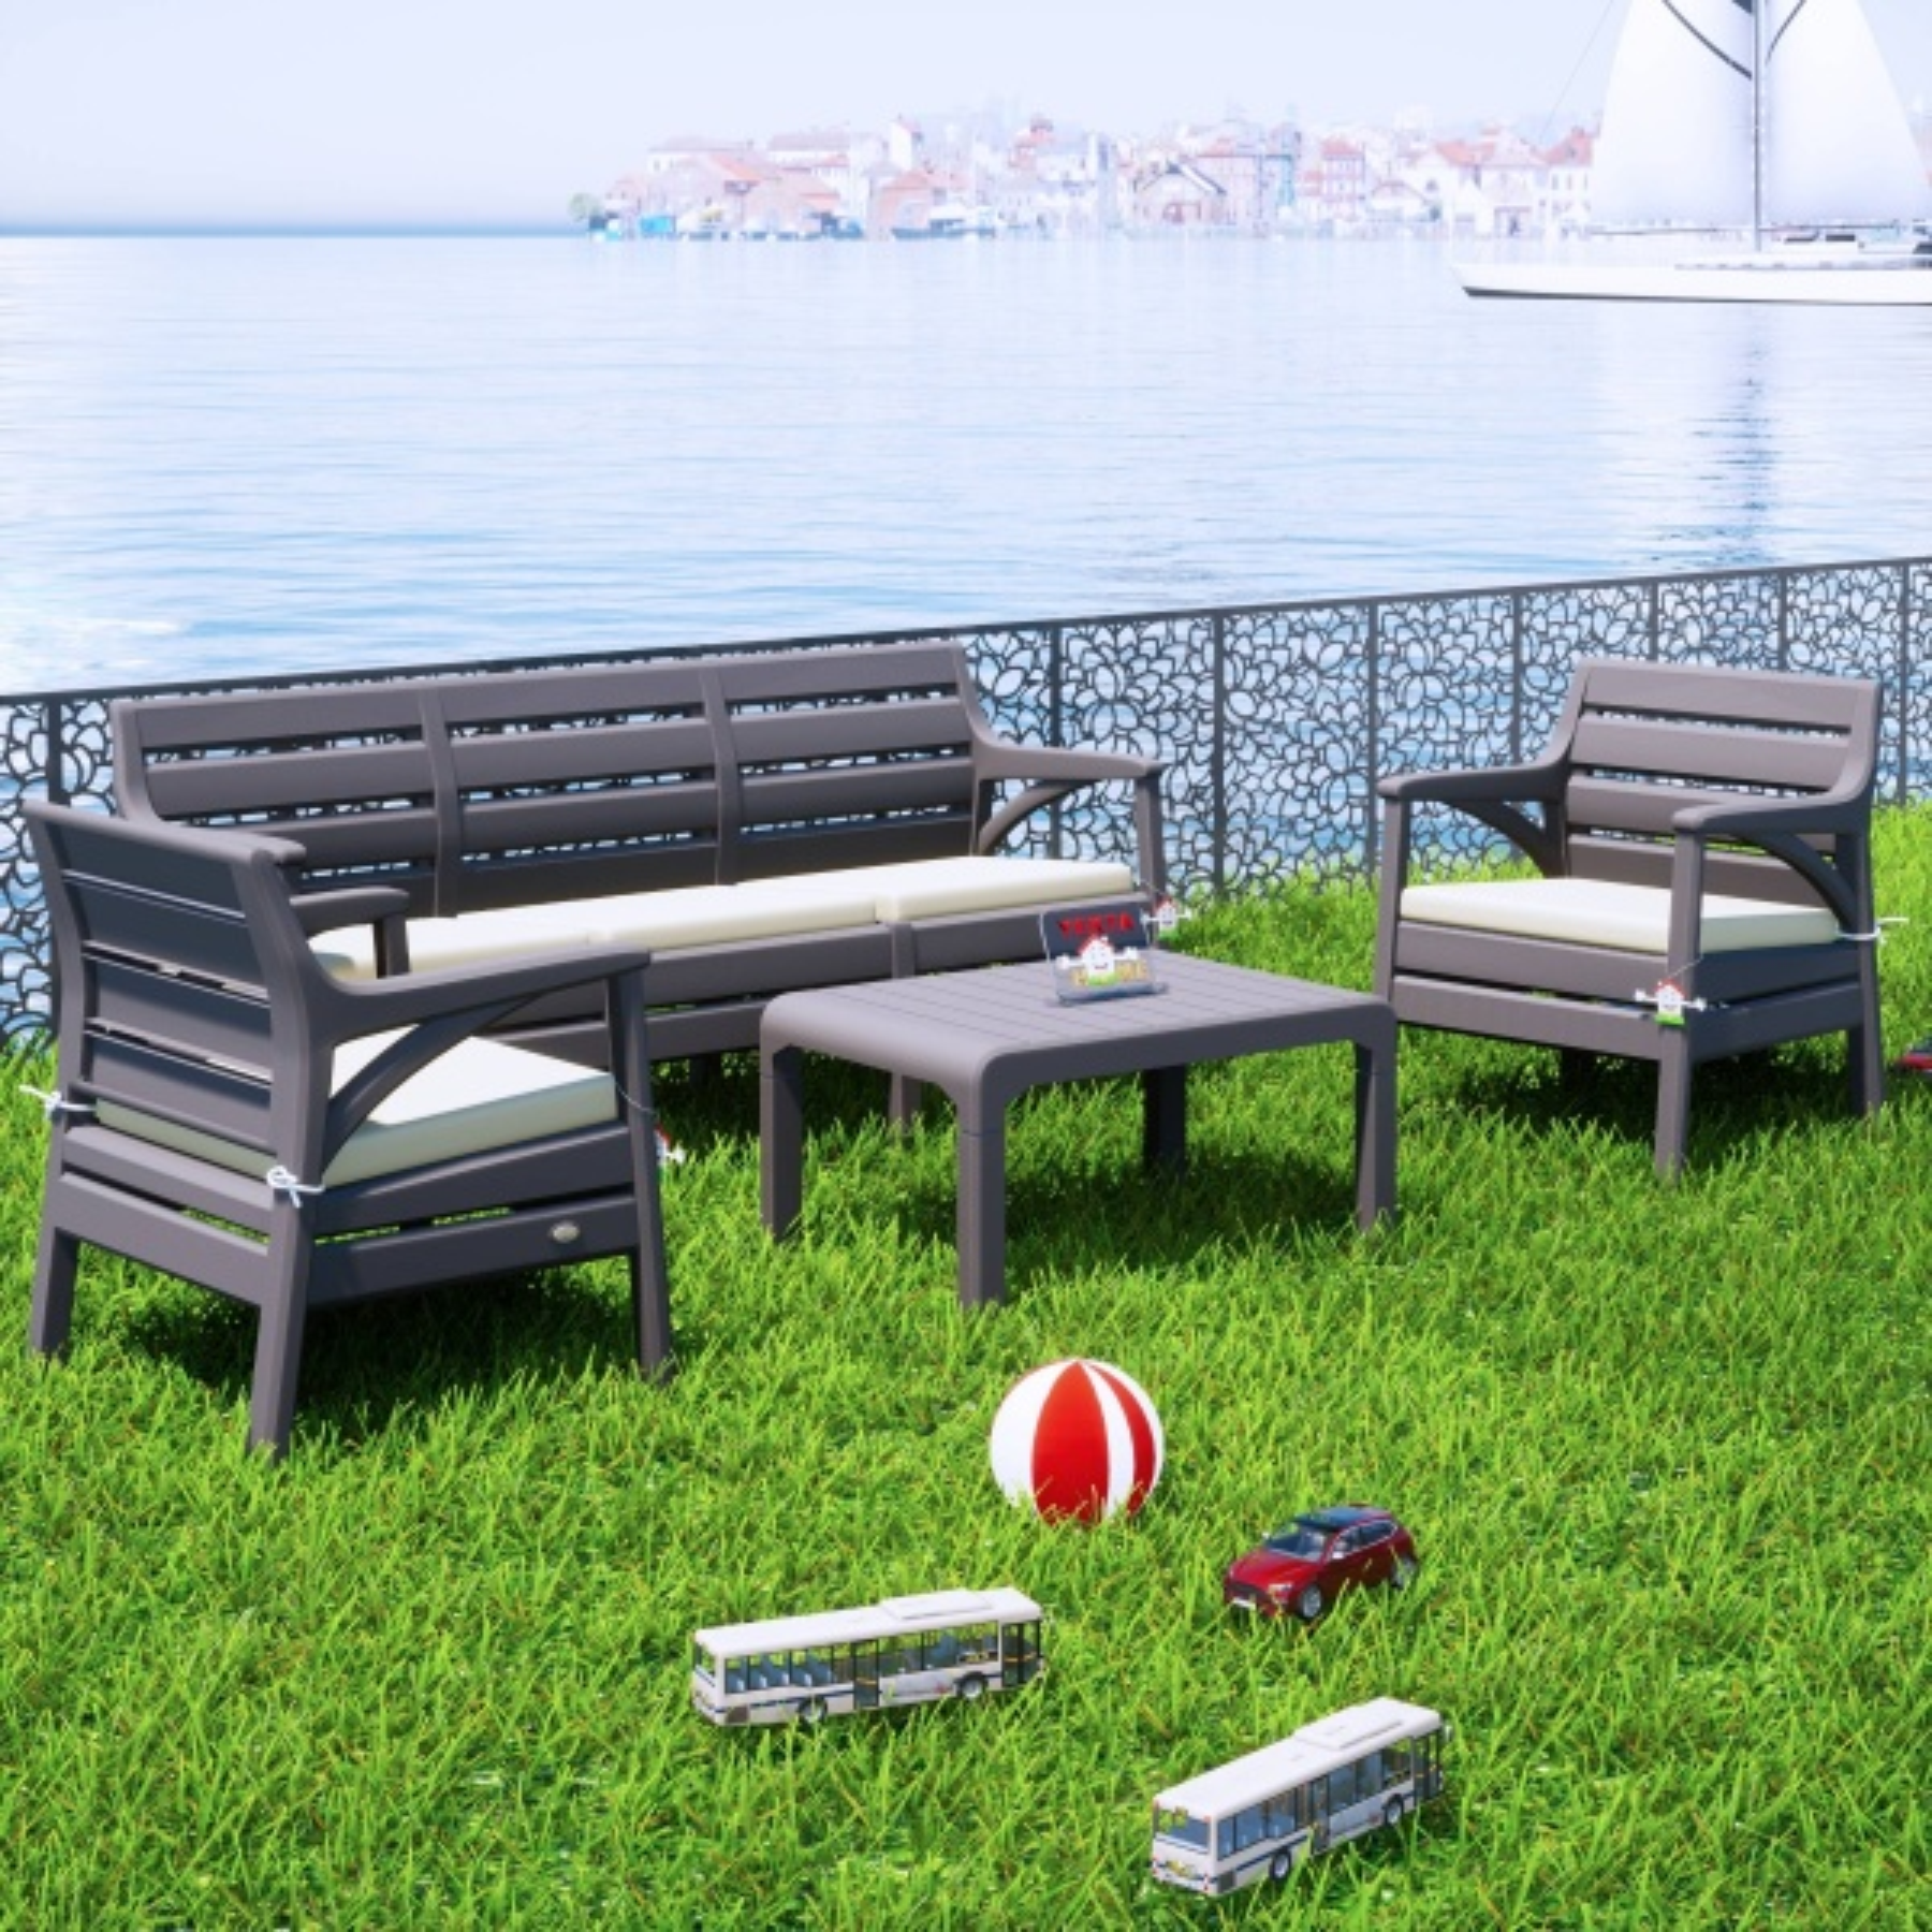 Holiday Hawai Bahçe Mobilyası Oturma Grubu Balkon Koltuk Takımı Gri